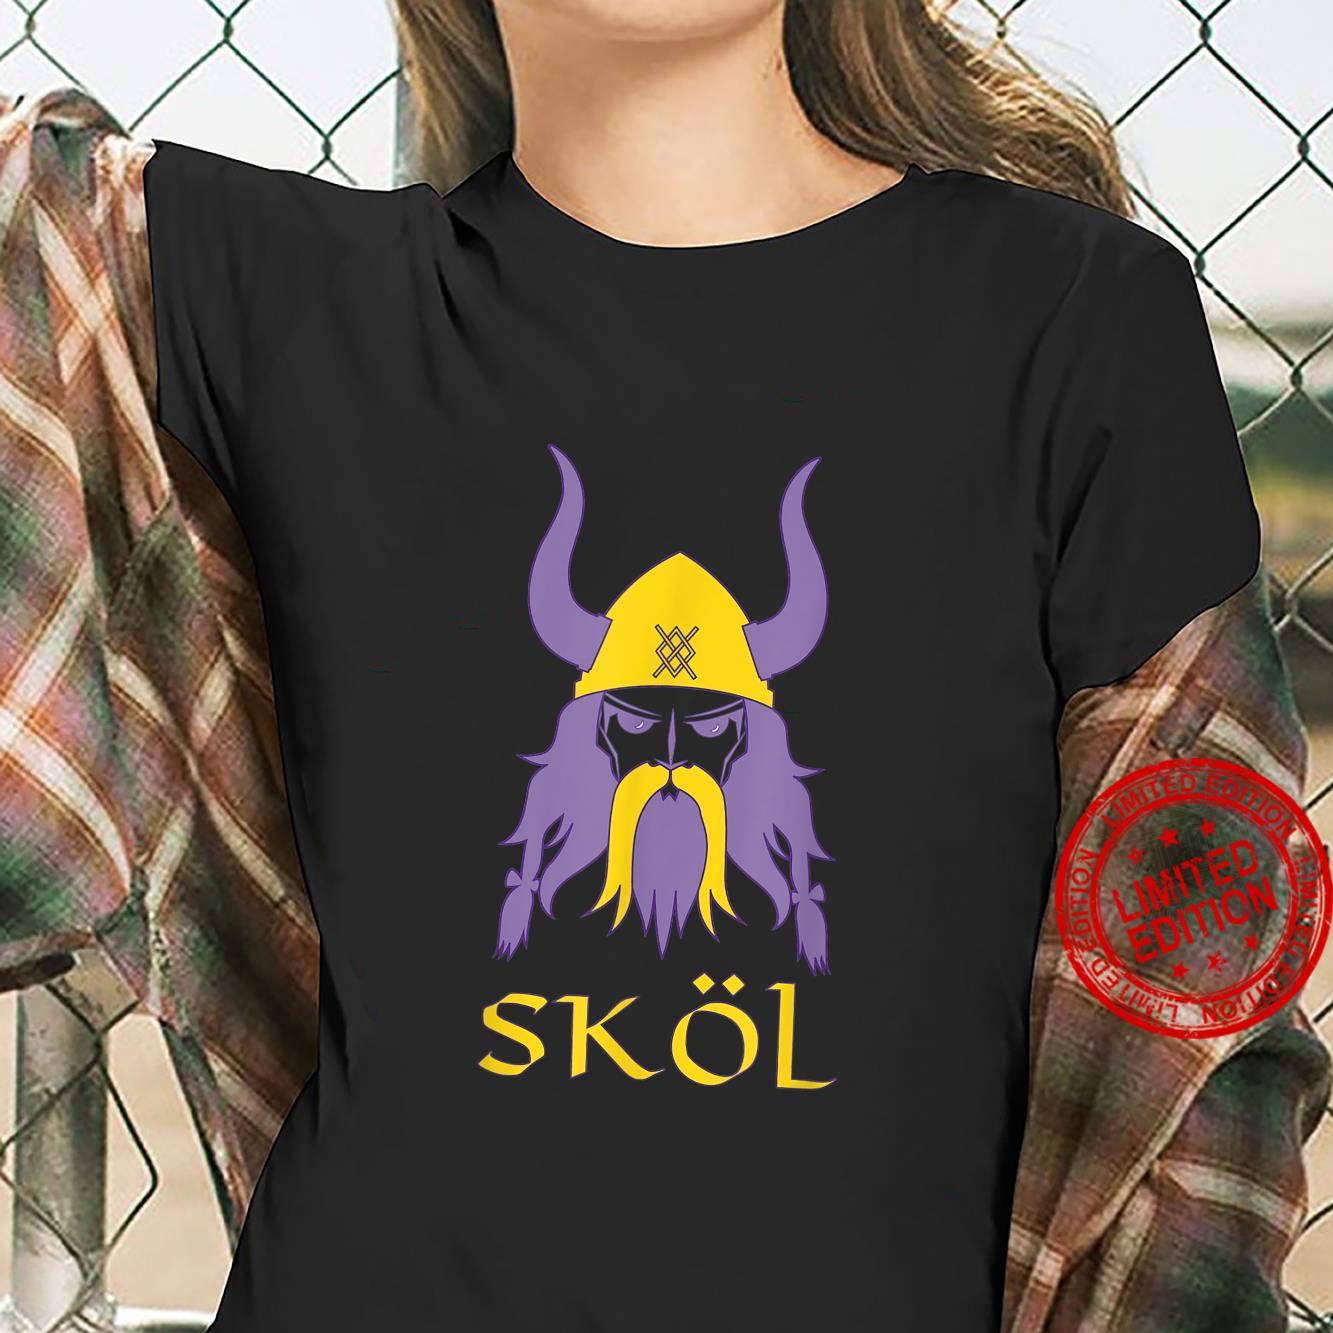 Skol Nordic Scandinavian Warrior Viking Helmet Shirt ladies tee